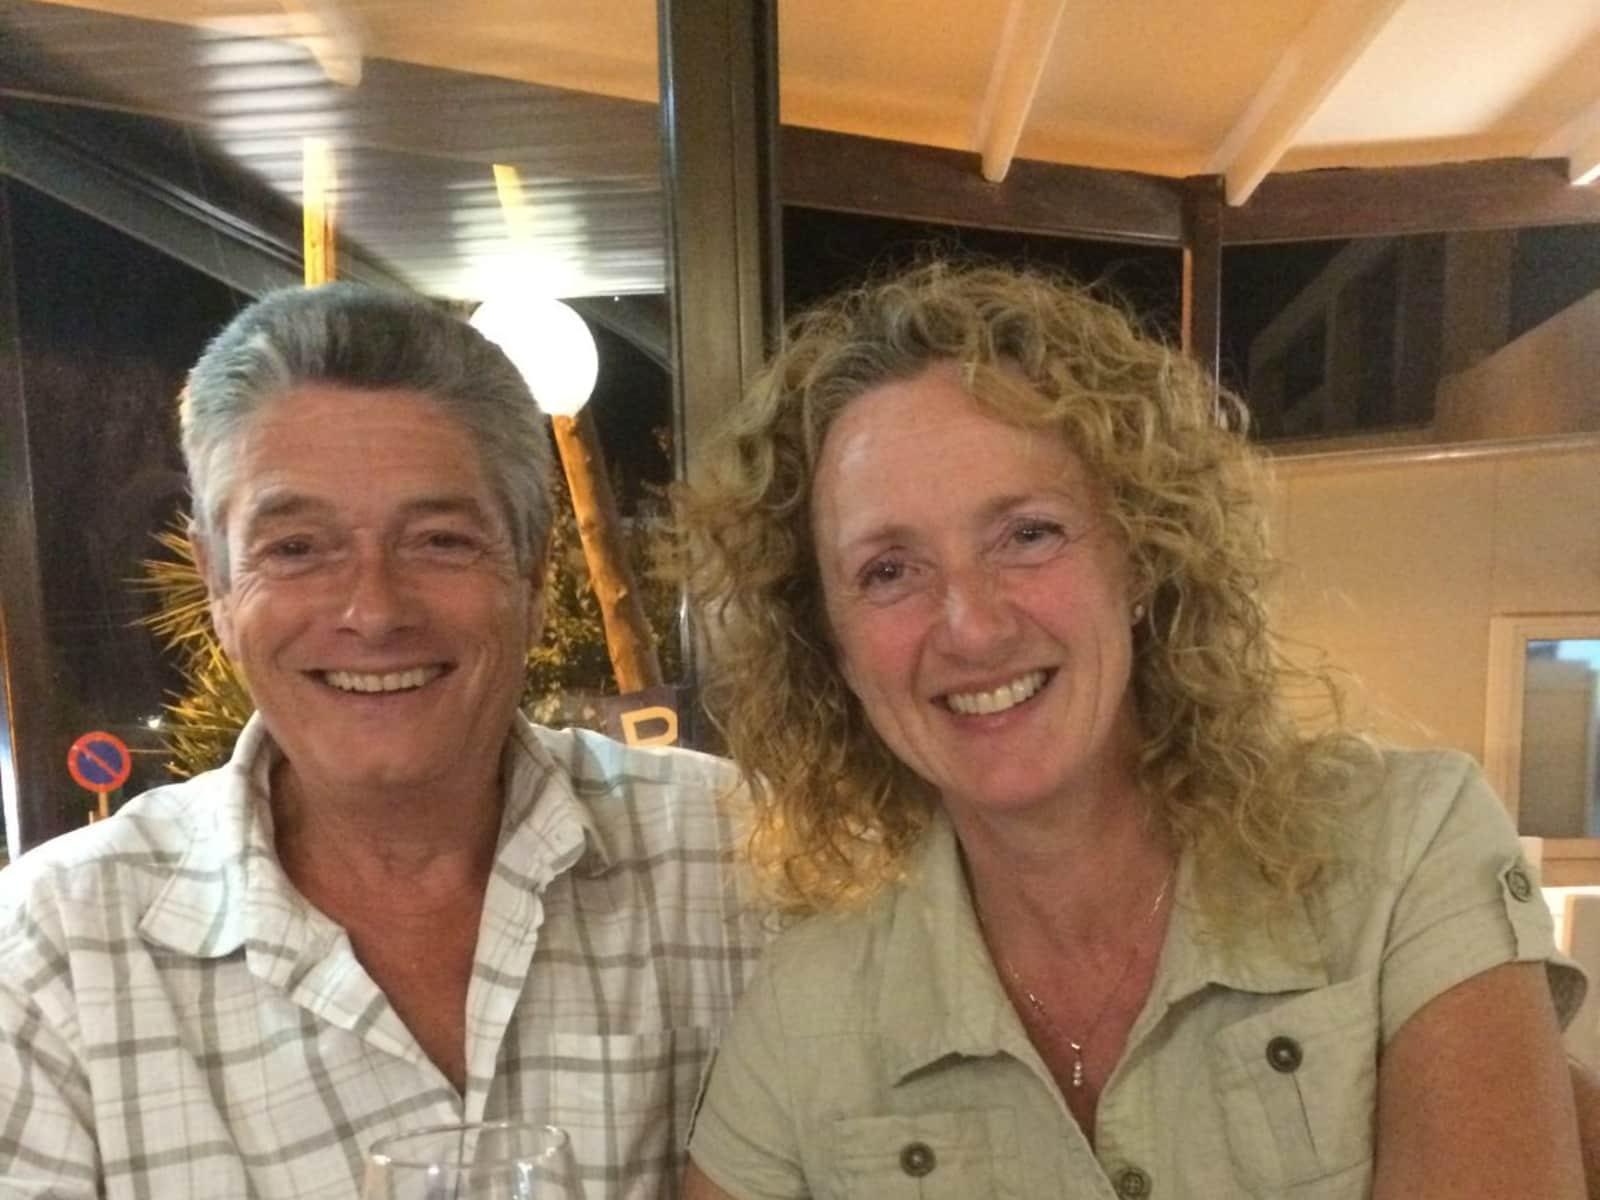 Trevor & Paula from Creuse, France